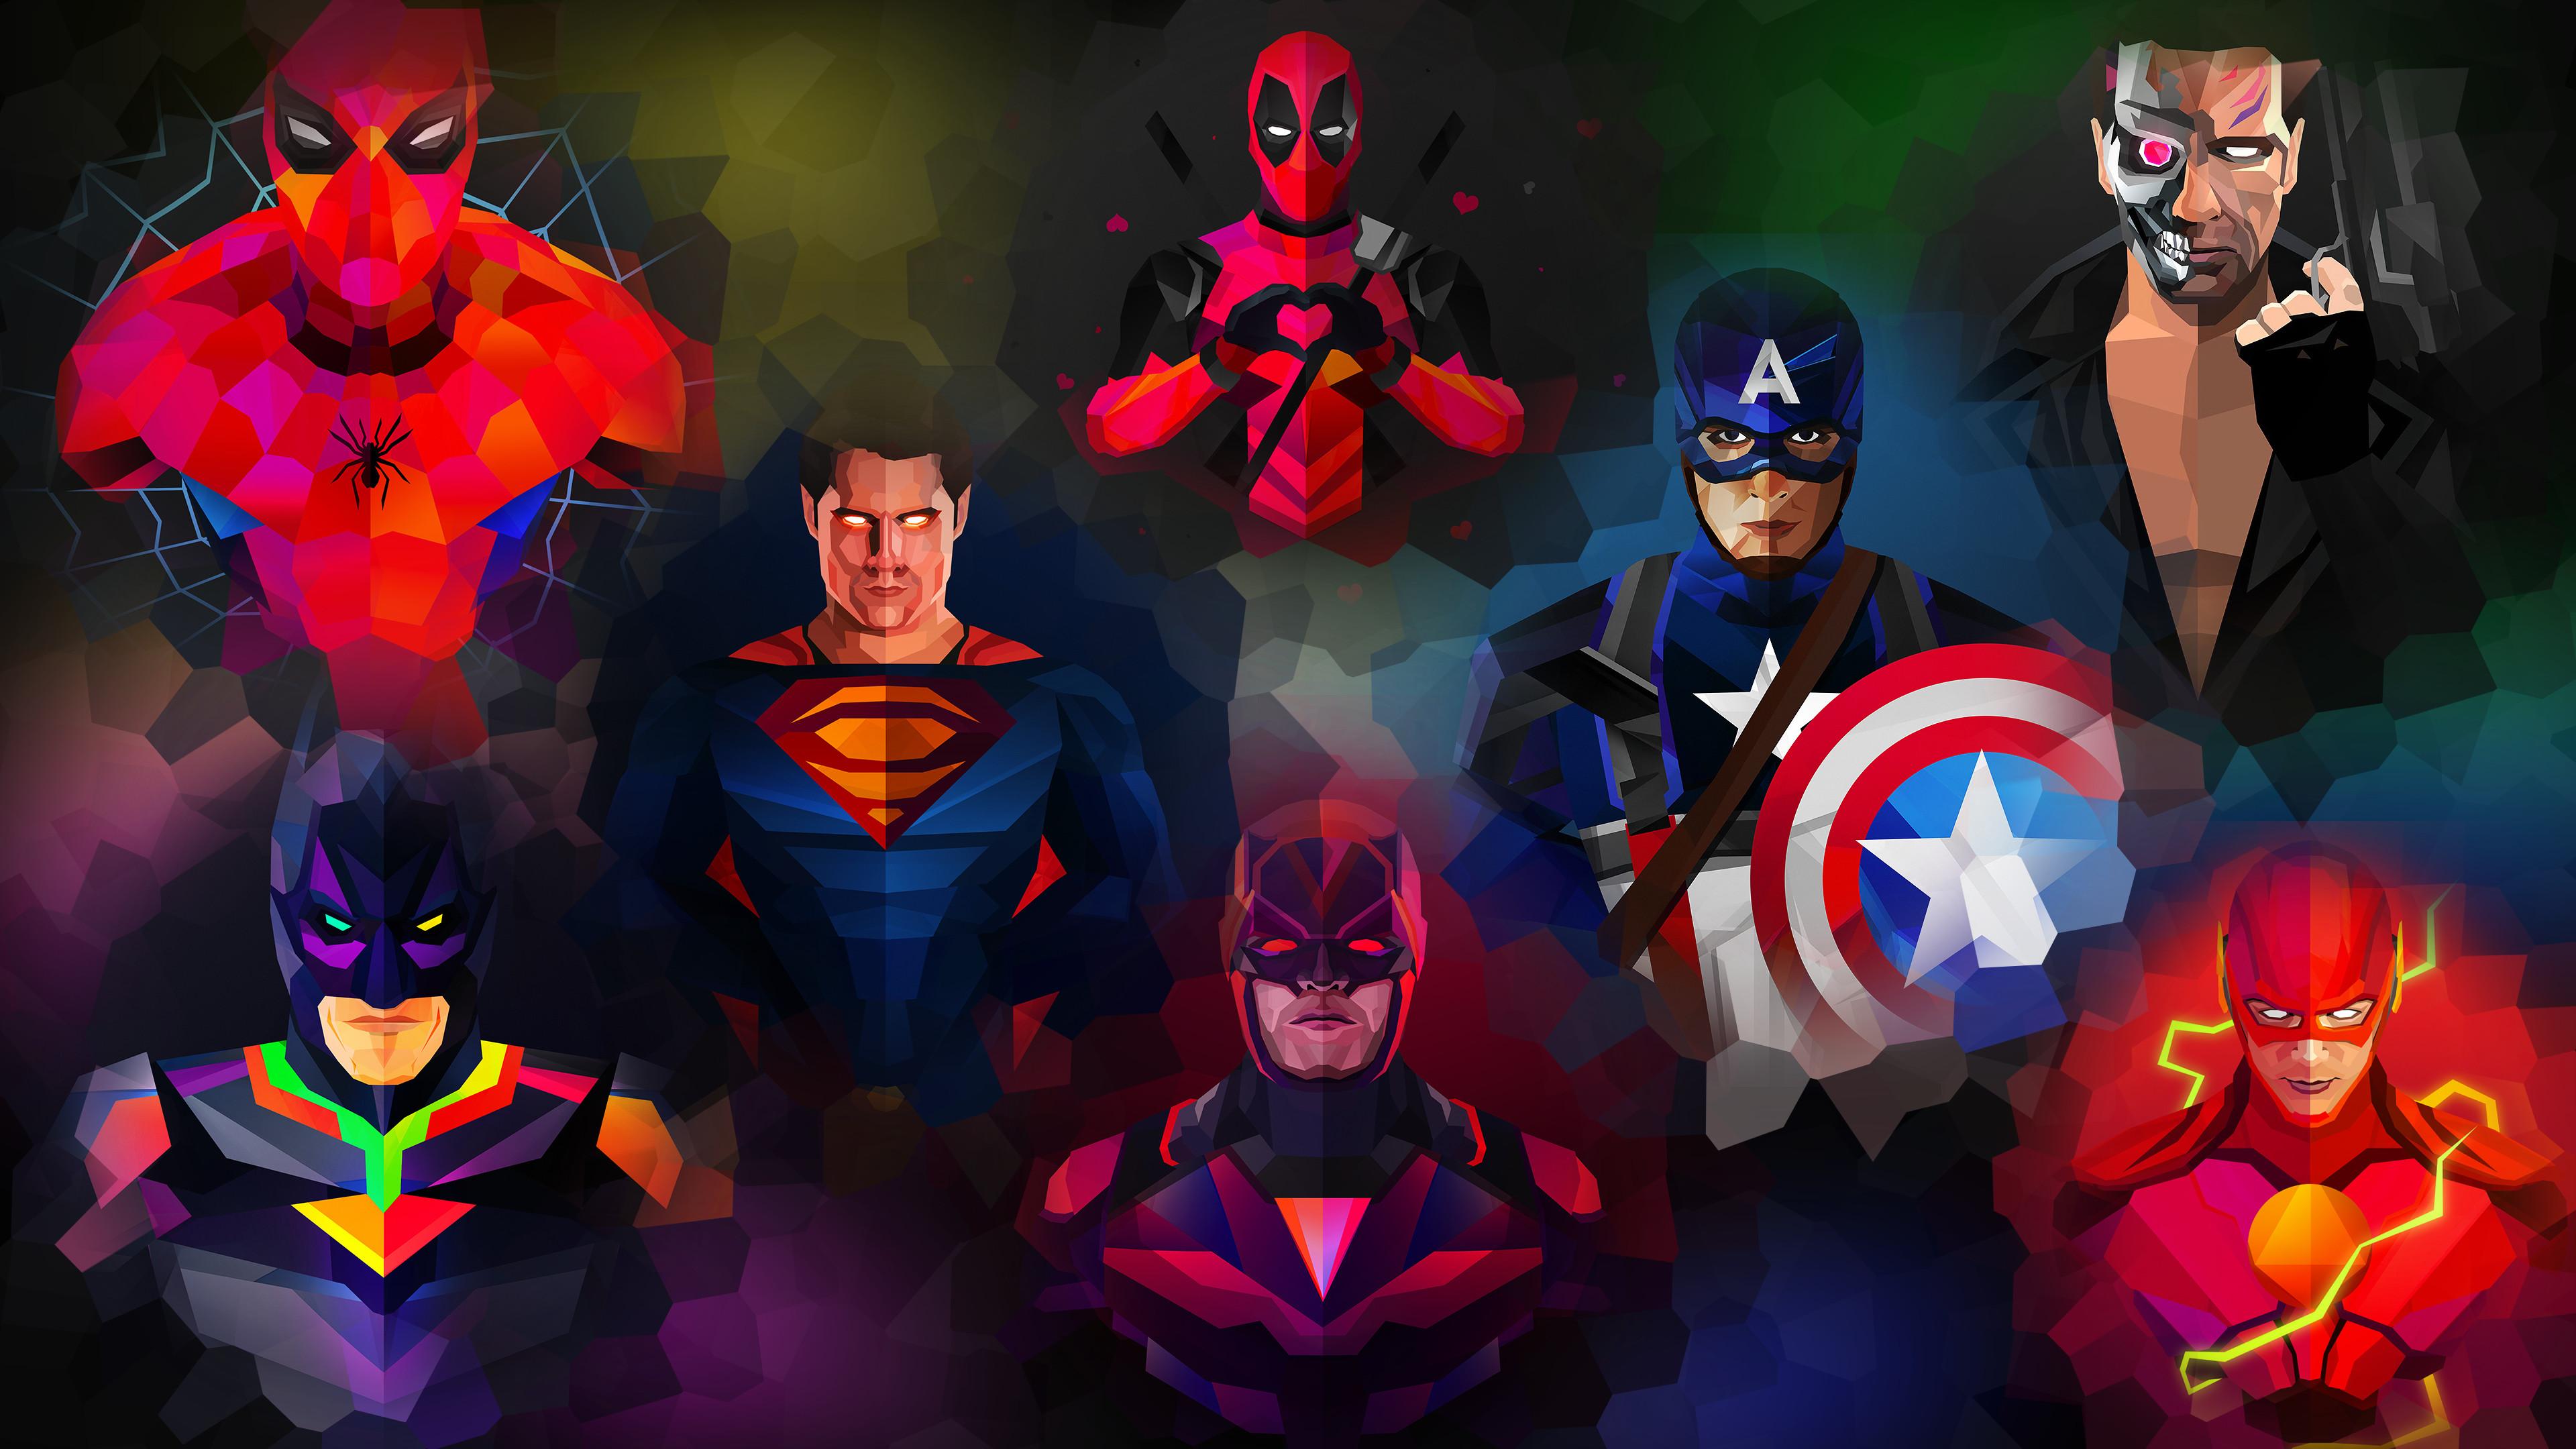 Superhero Wallpaper (62+ Images